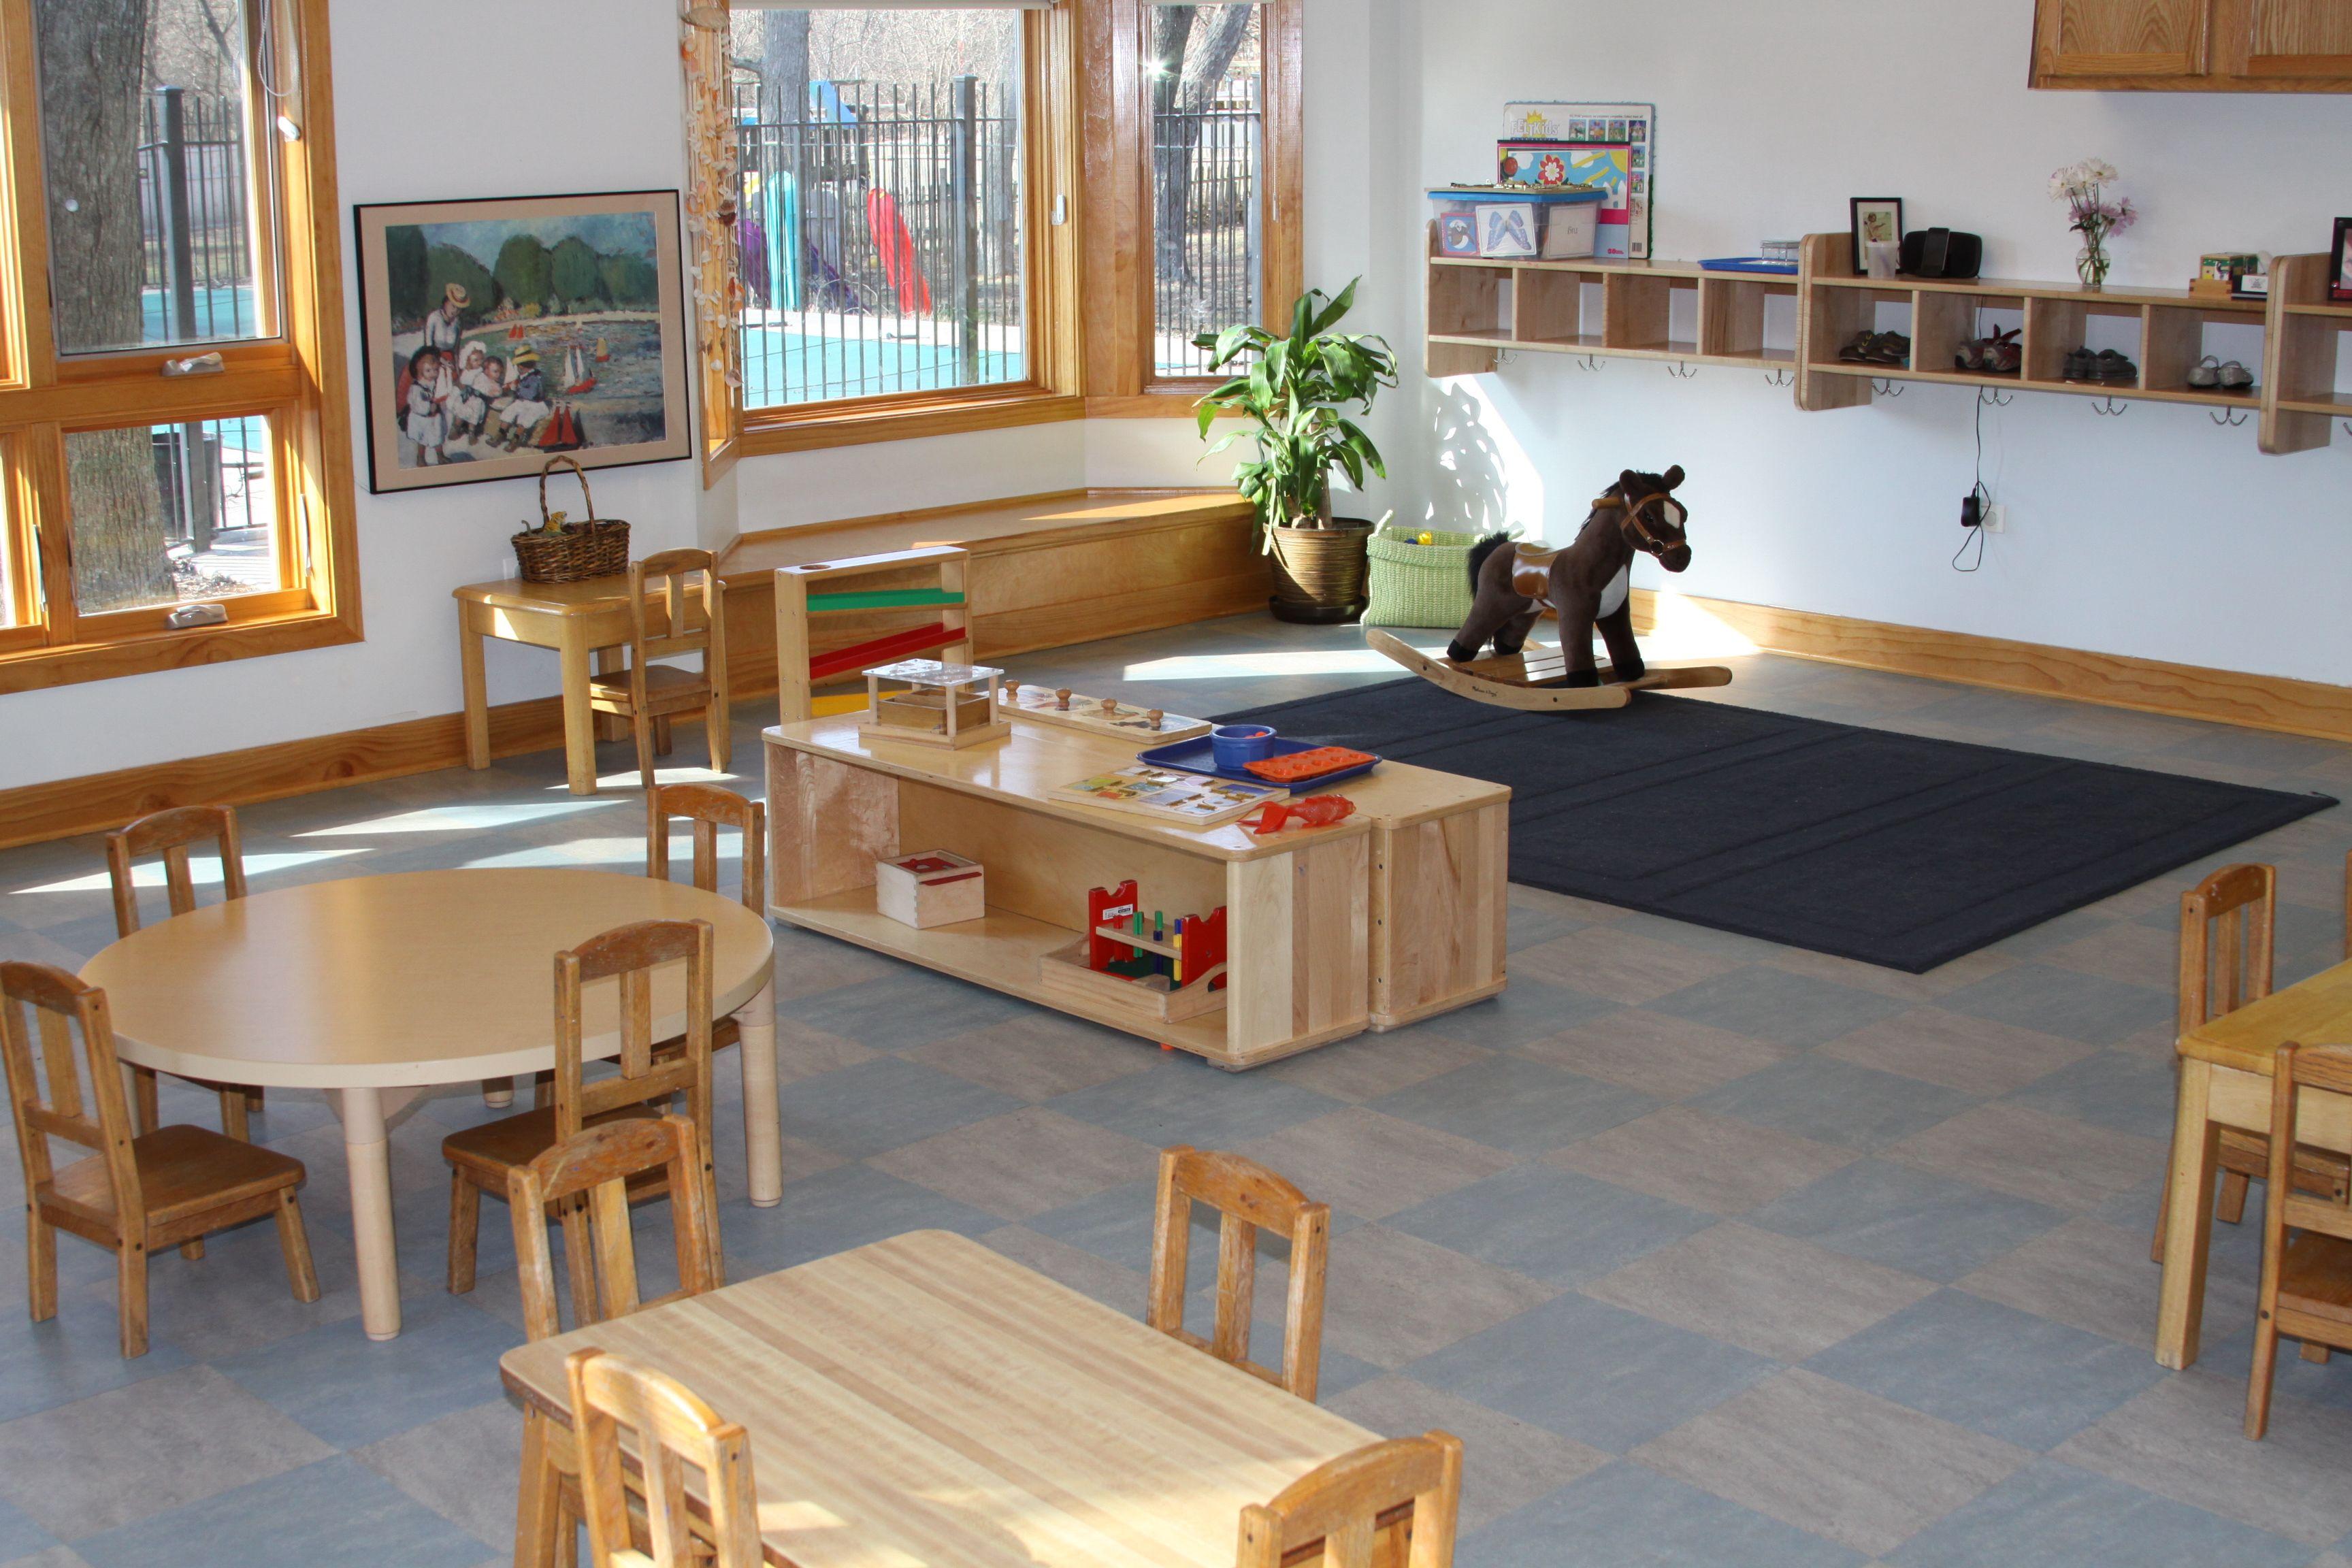 Montessori Classroom Design Ideas ~ Awesome montessori classroom design images